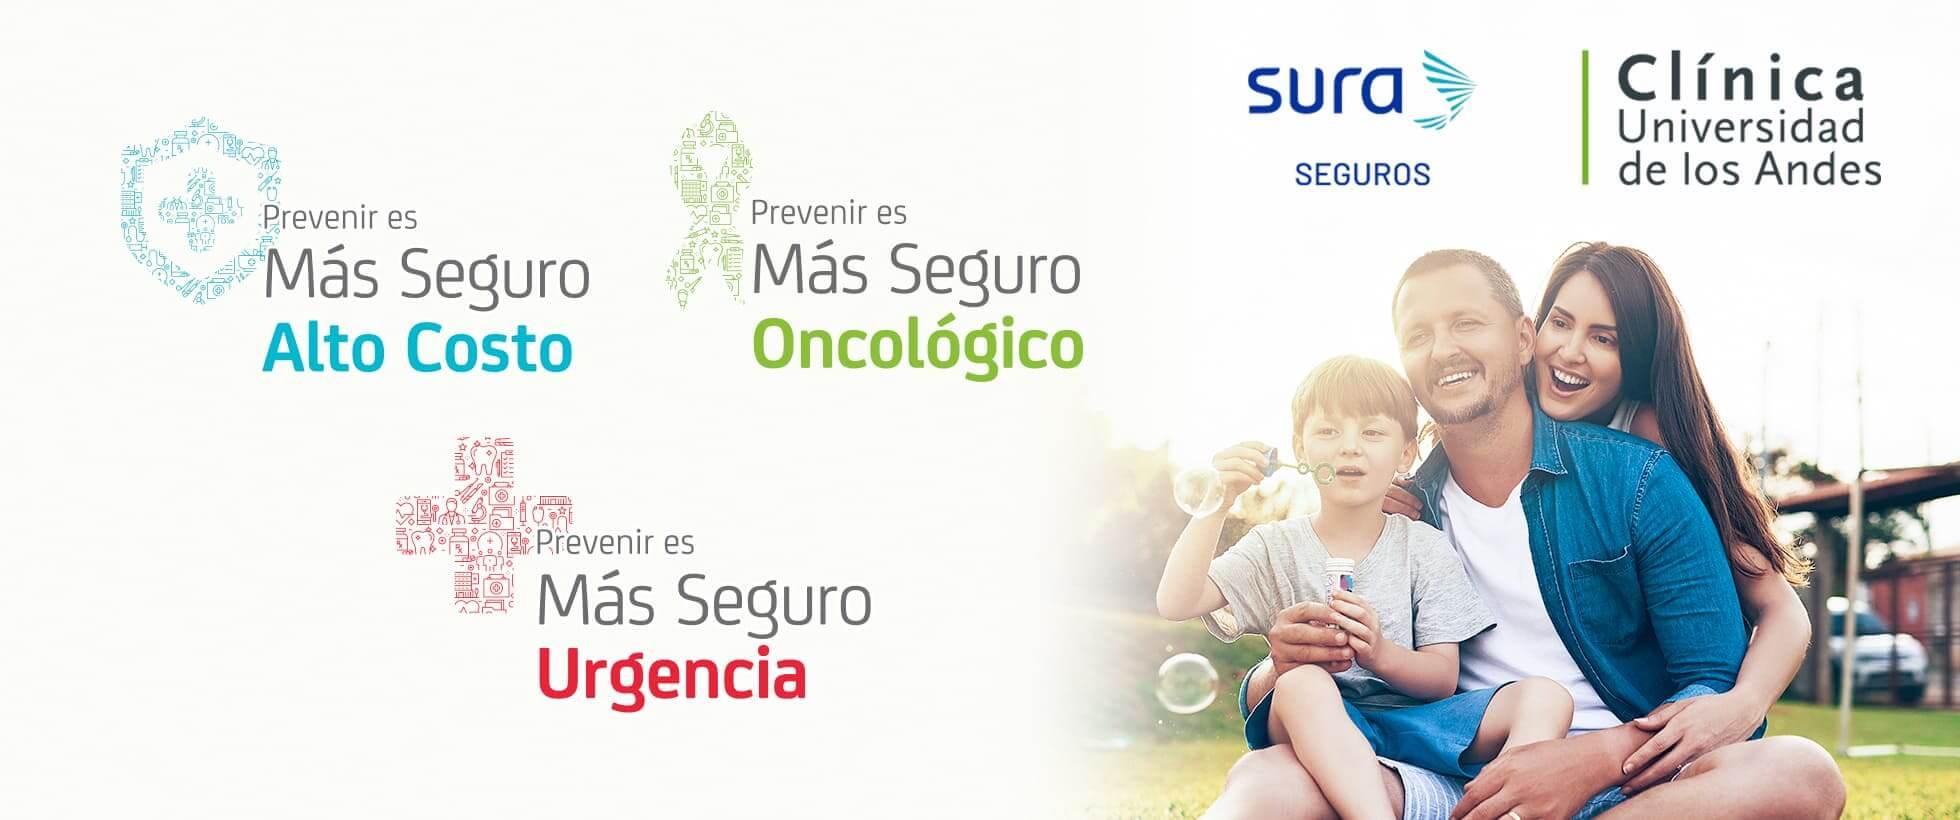 Sura promoción Clínica Universidad de los Andes